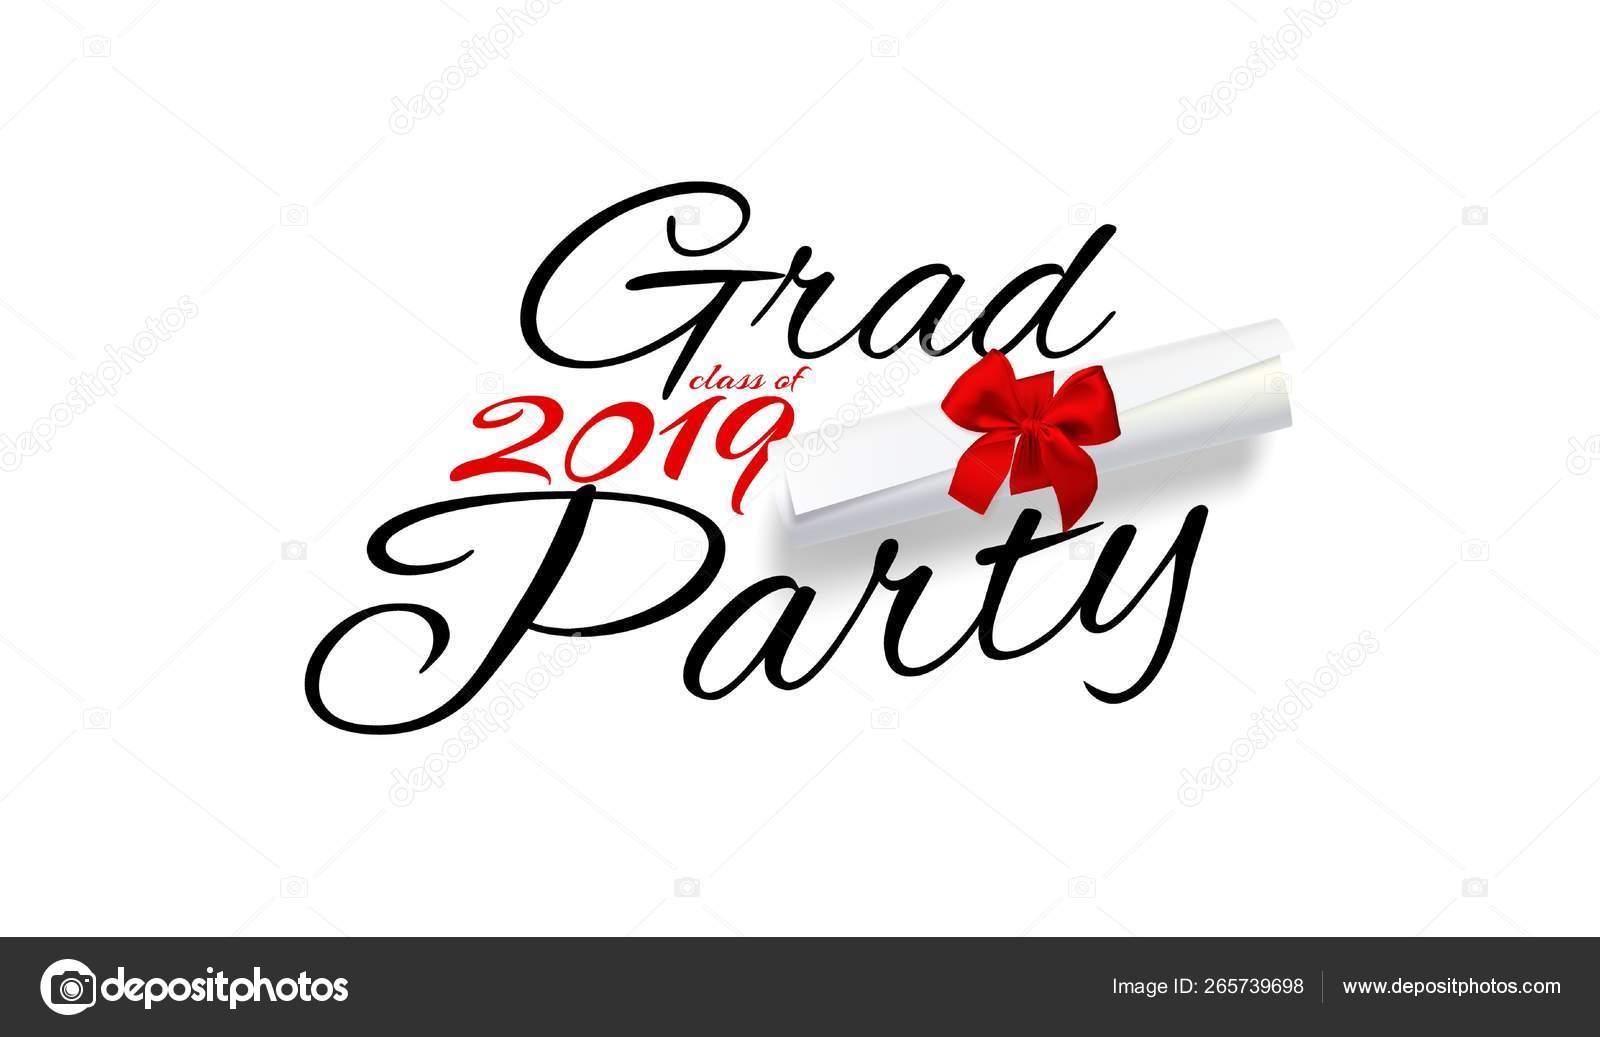 Fiesta De Grado Letras Para La Clase De Graduación De 2019